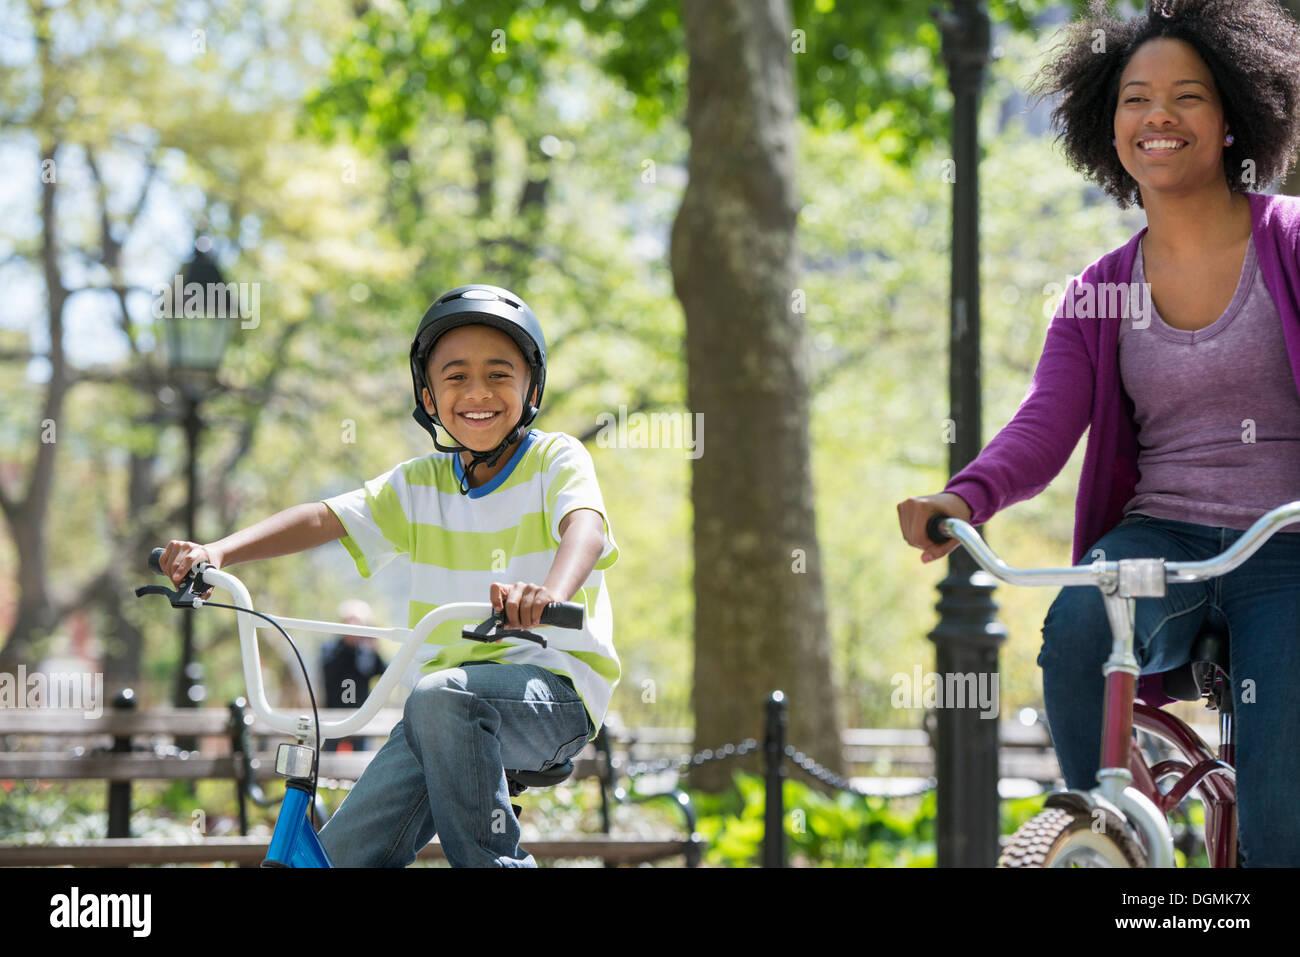 Una famiglia nel parco in una giornata di sole. Una madre e figlio. Immagini Stock